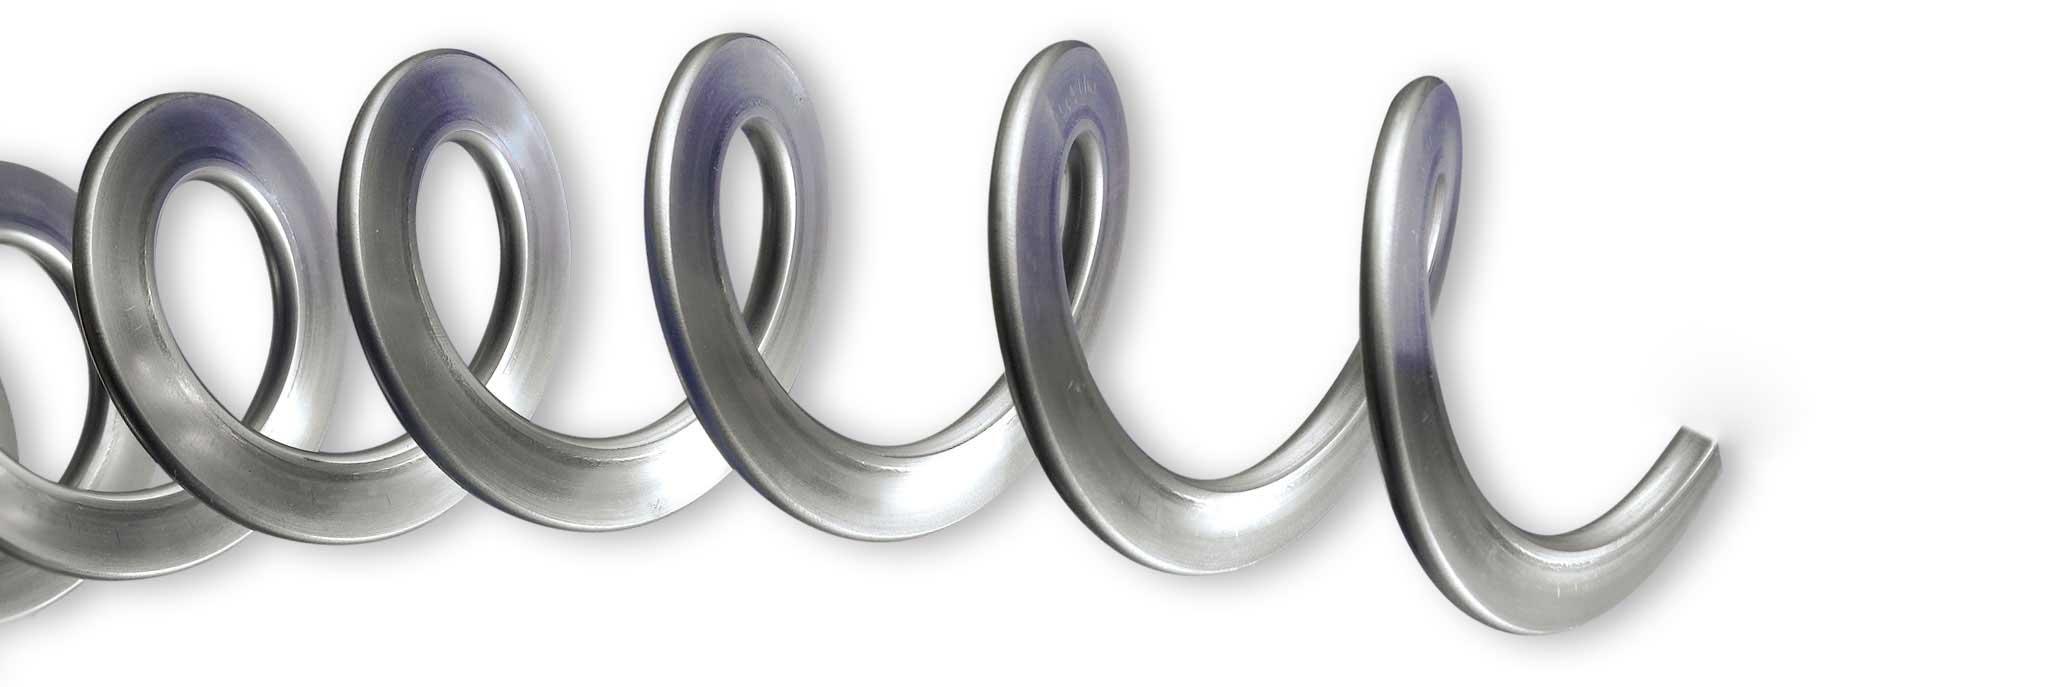 Spirali flessibili in acciaio per trasporto cippato, biomasse per caldaie e mangimi per impianti zootecnici di alimentazione automatica